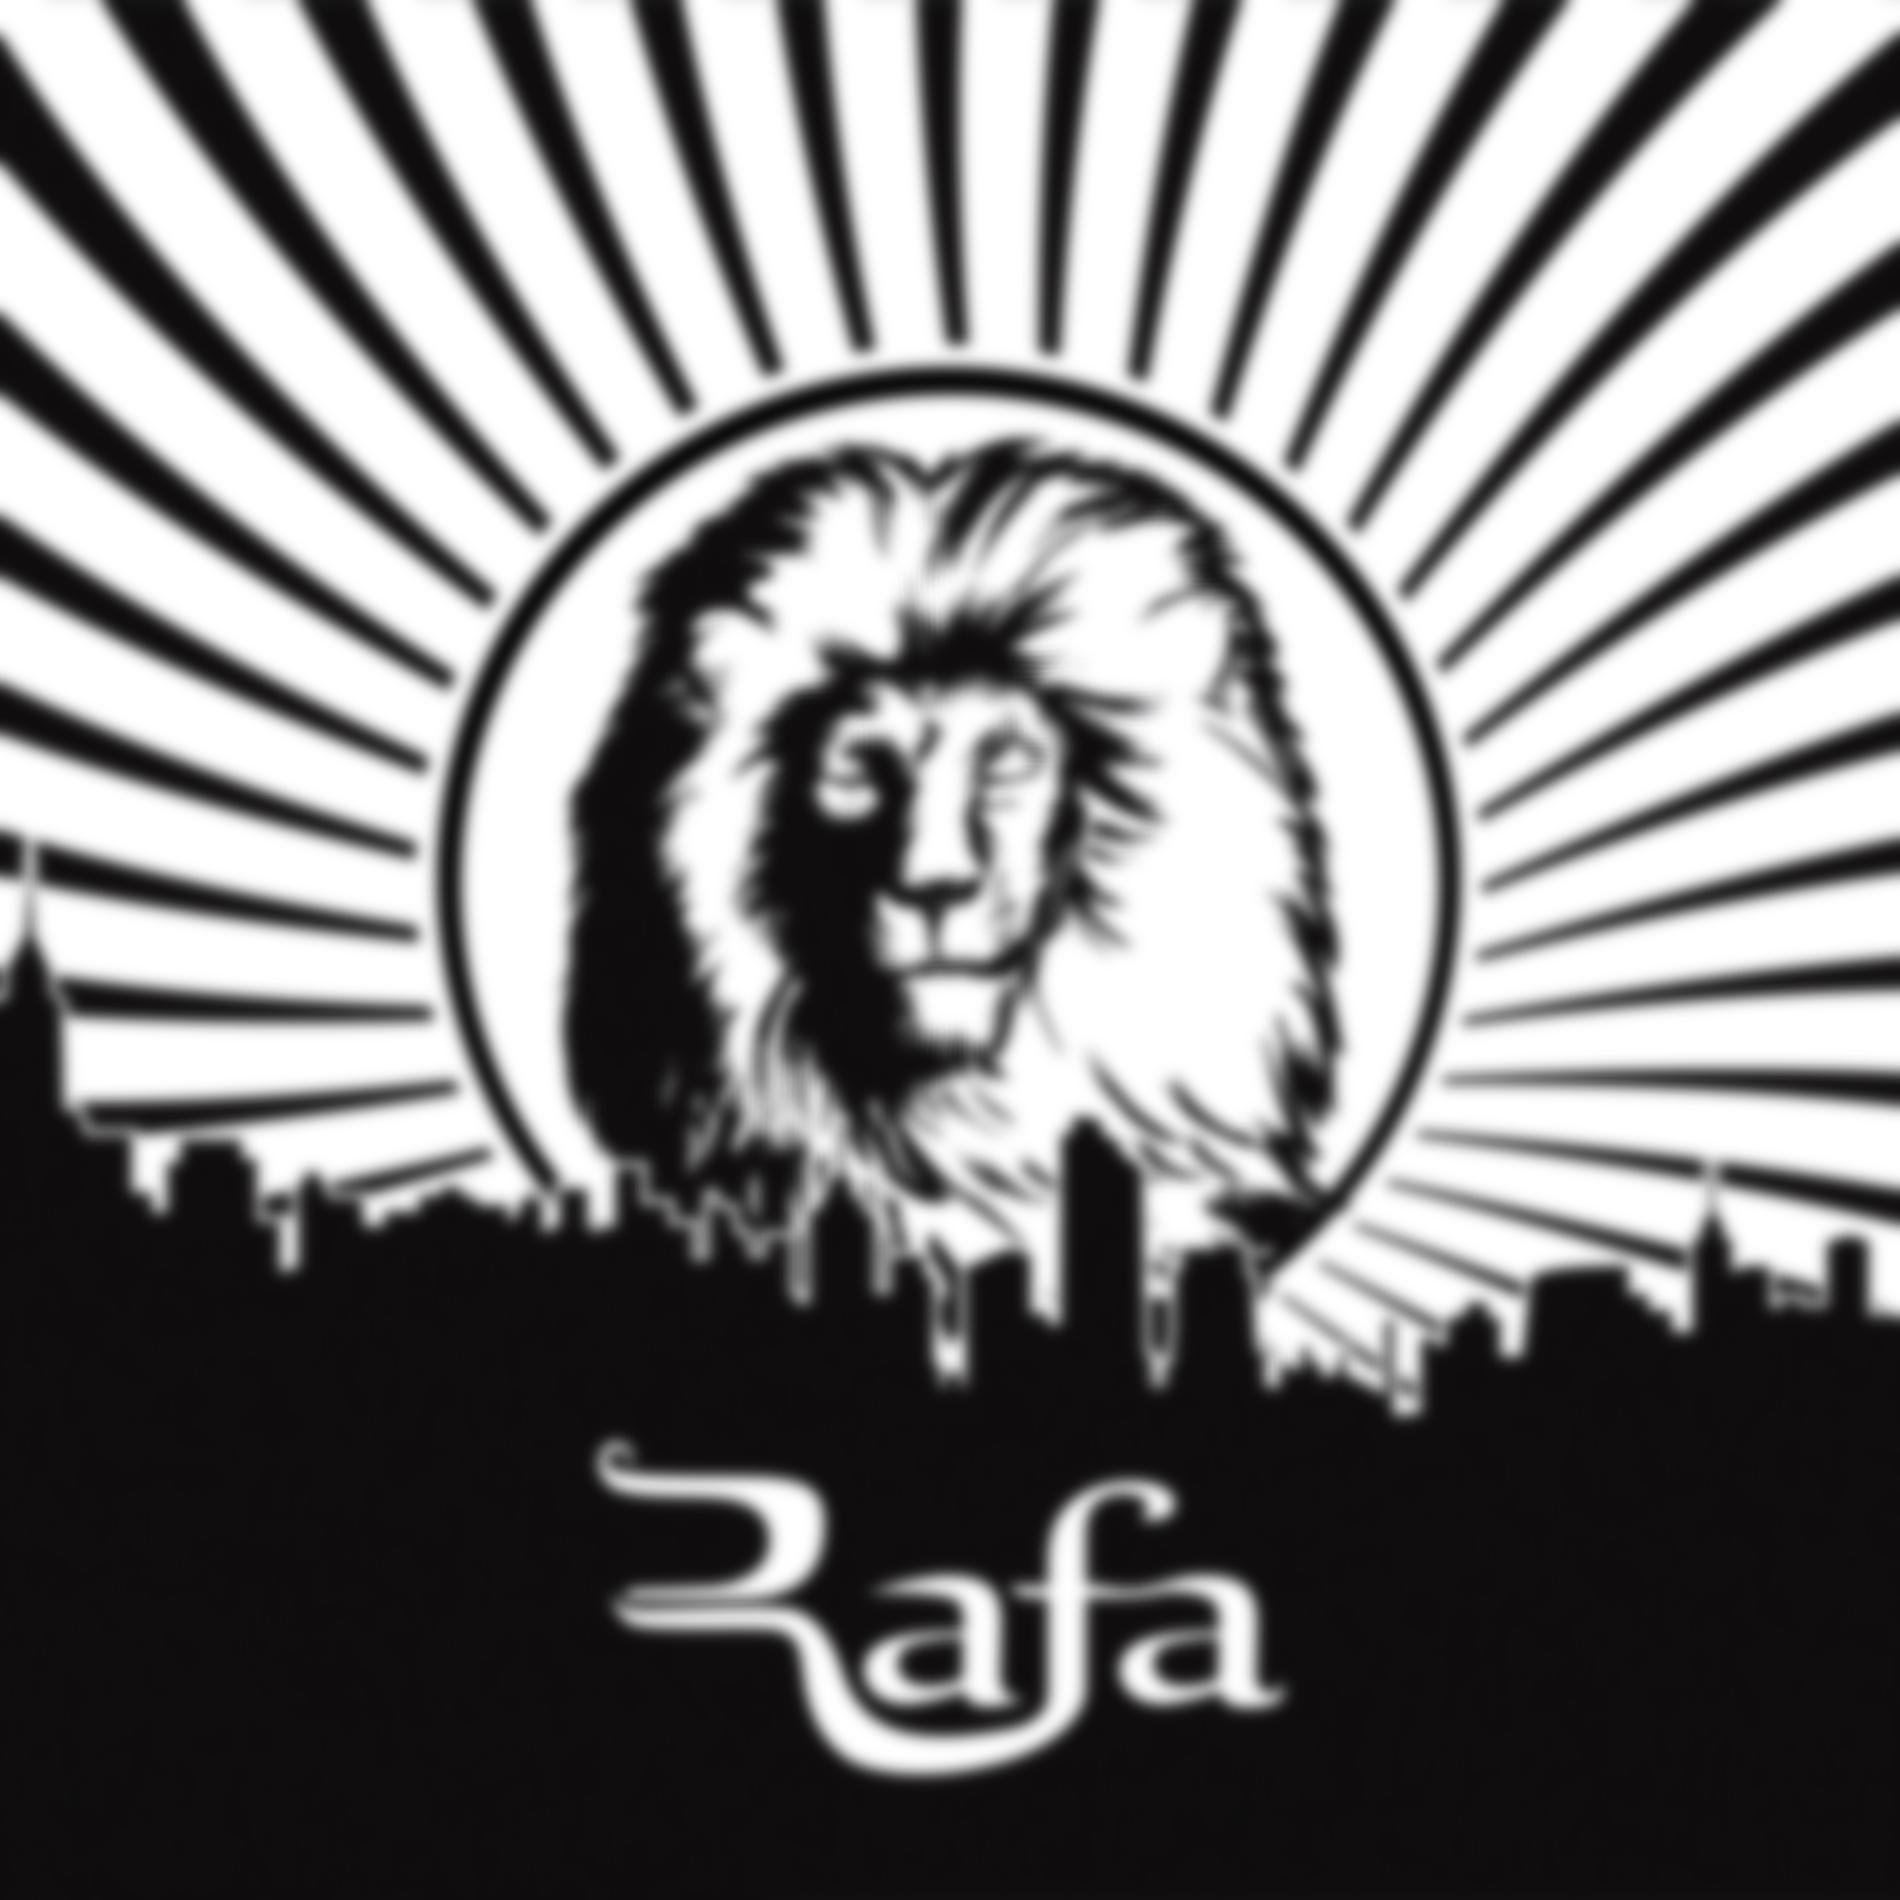 Rafa Flag.jpg